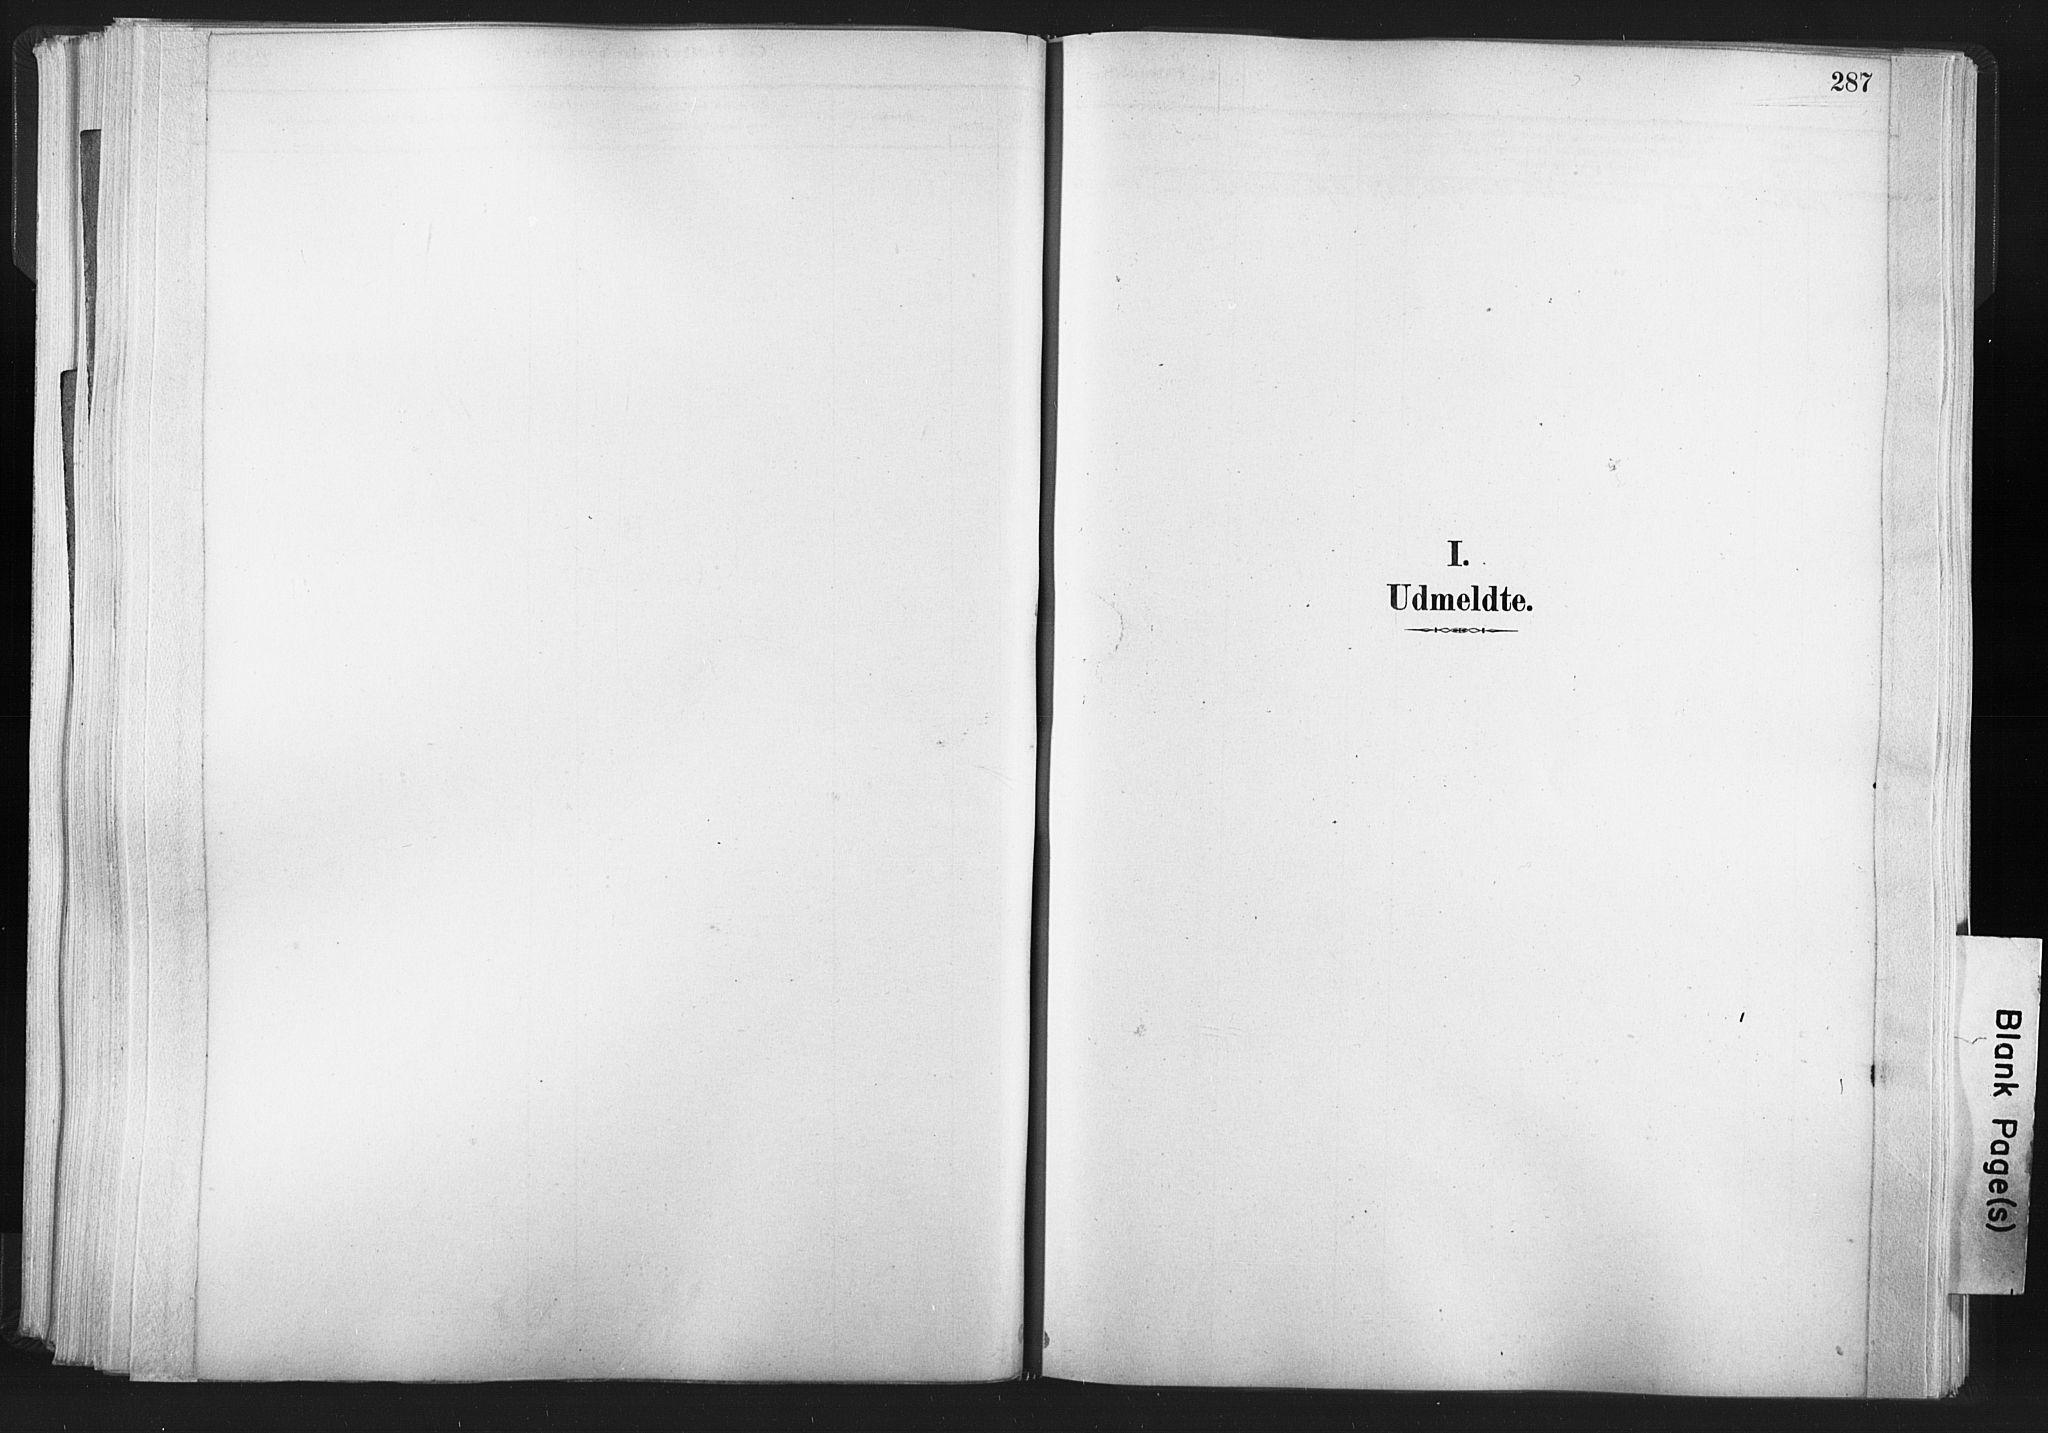 SAT, Ministerialprotokoller, klokkerbøker og fødselsregistre - Nord-Trøndelag, 749/L0474: Ministerialbok nr. 749A08, 1887-1903, s. 287